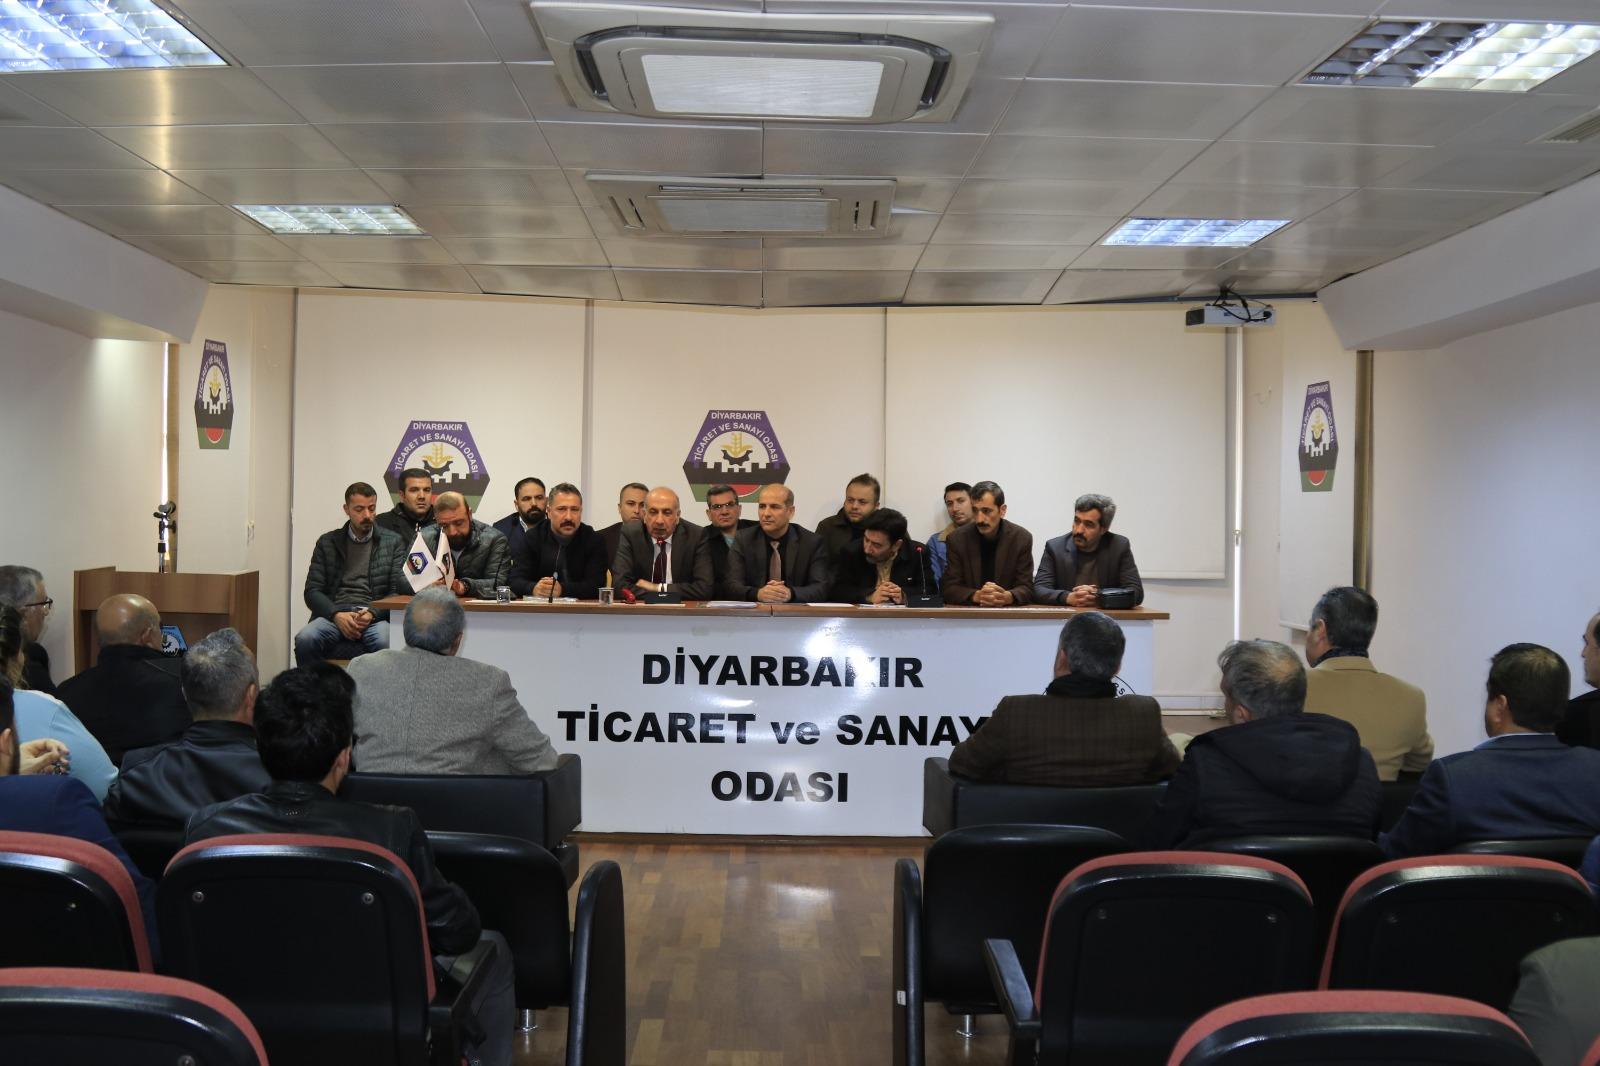 Diyarbakır Sürücü Kursları fiyat birliğine gitti